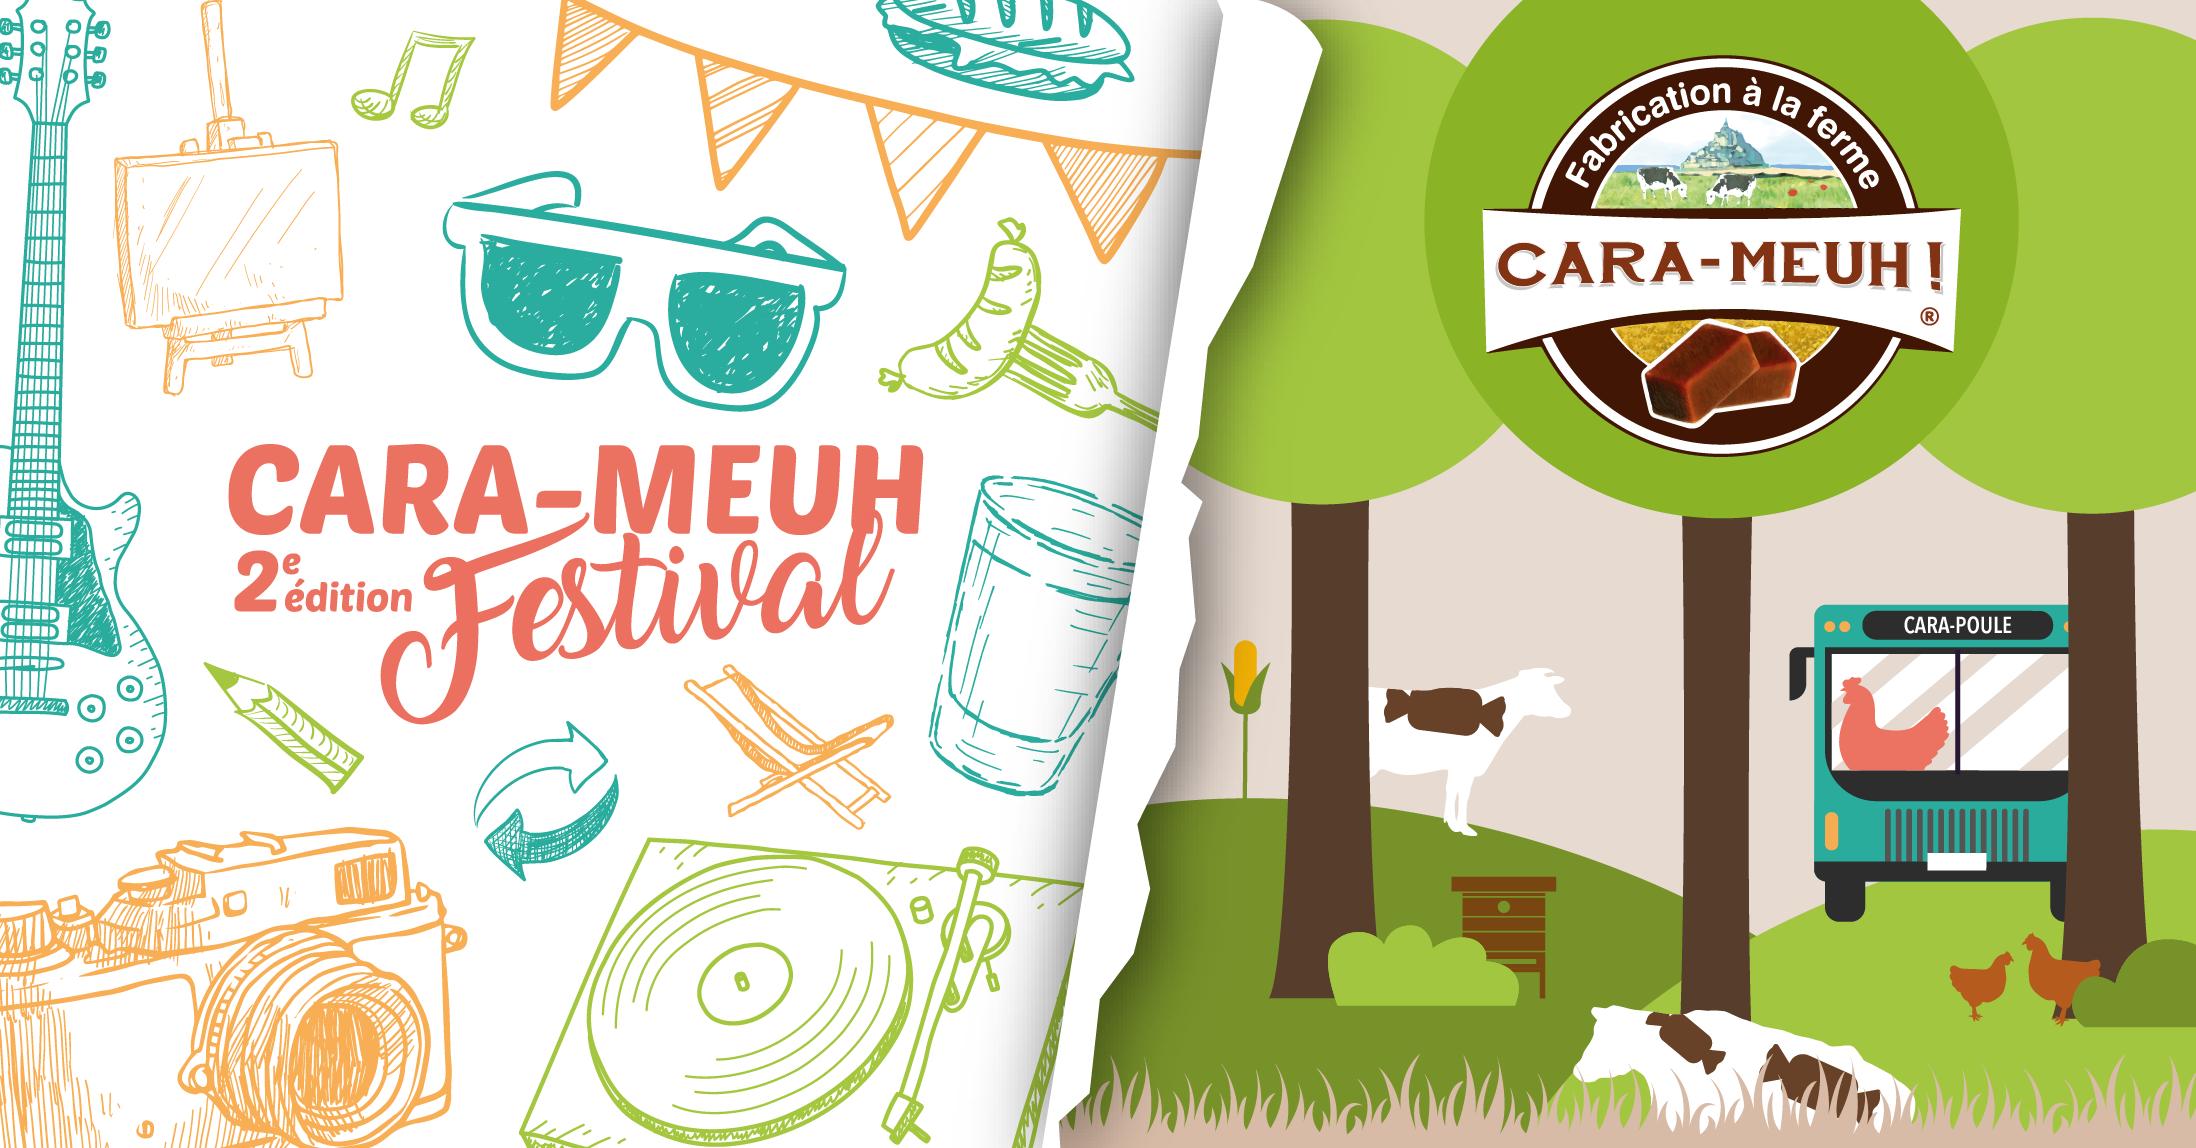 RessourSée participe à la seconde édition du festival Cara-Meuh